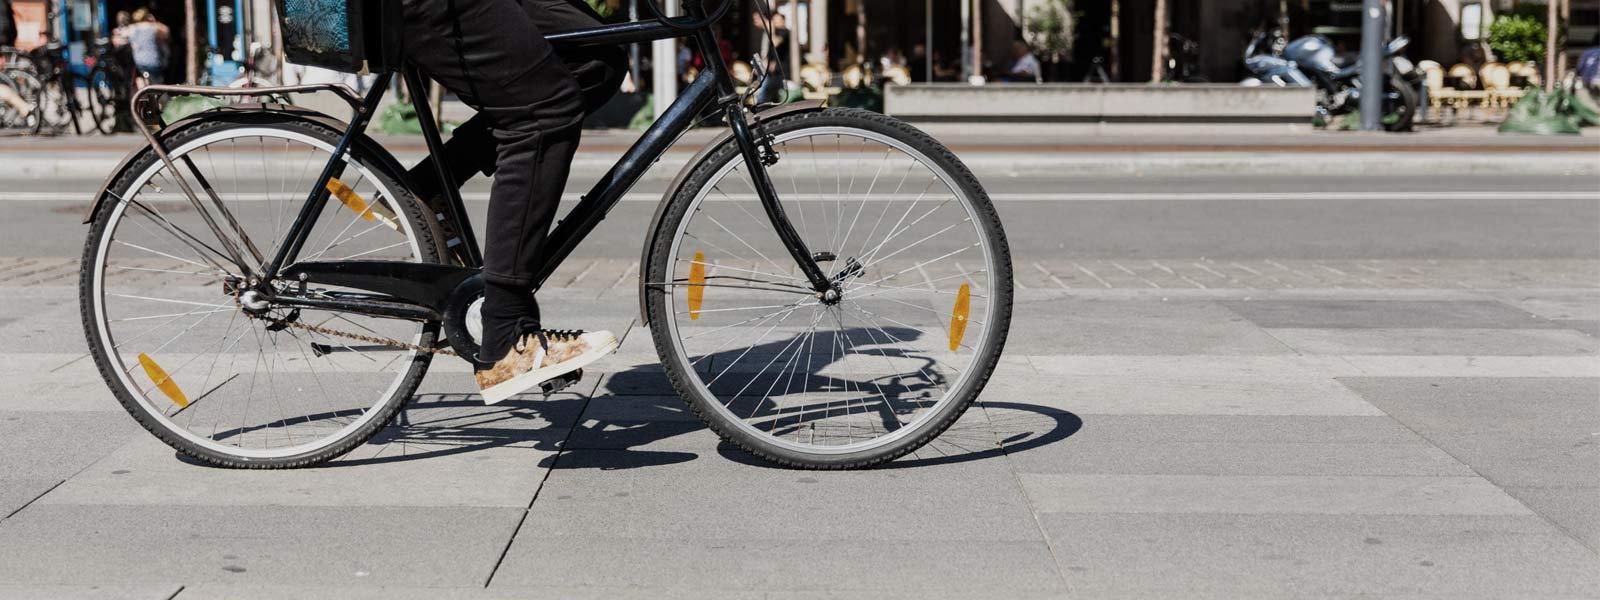 Ta' Cyklen